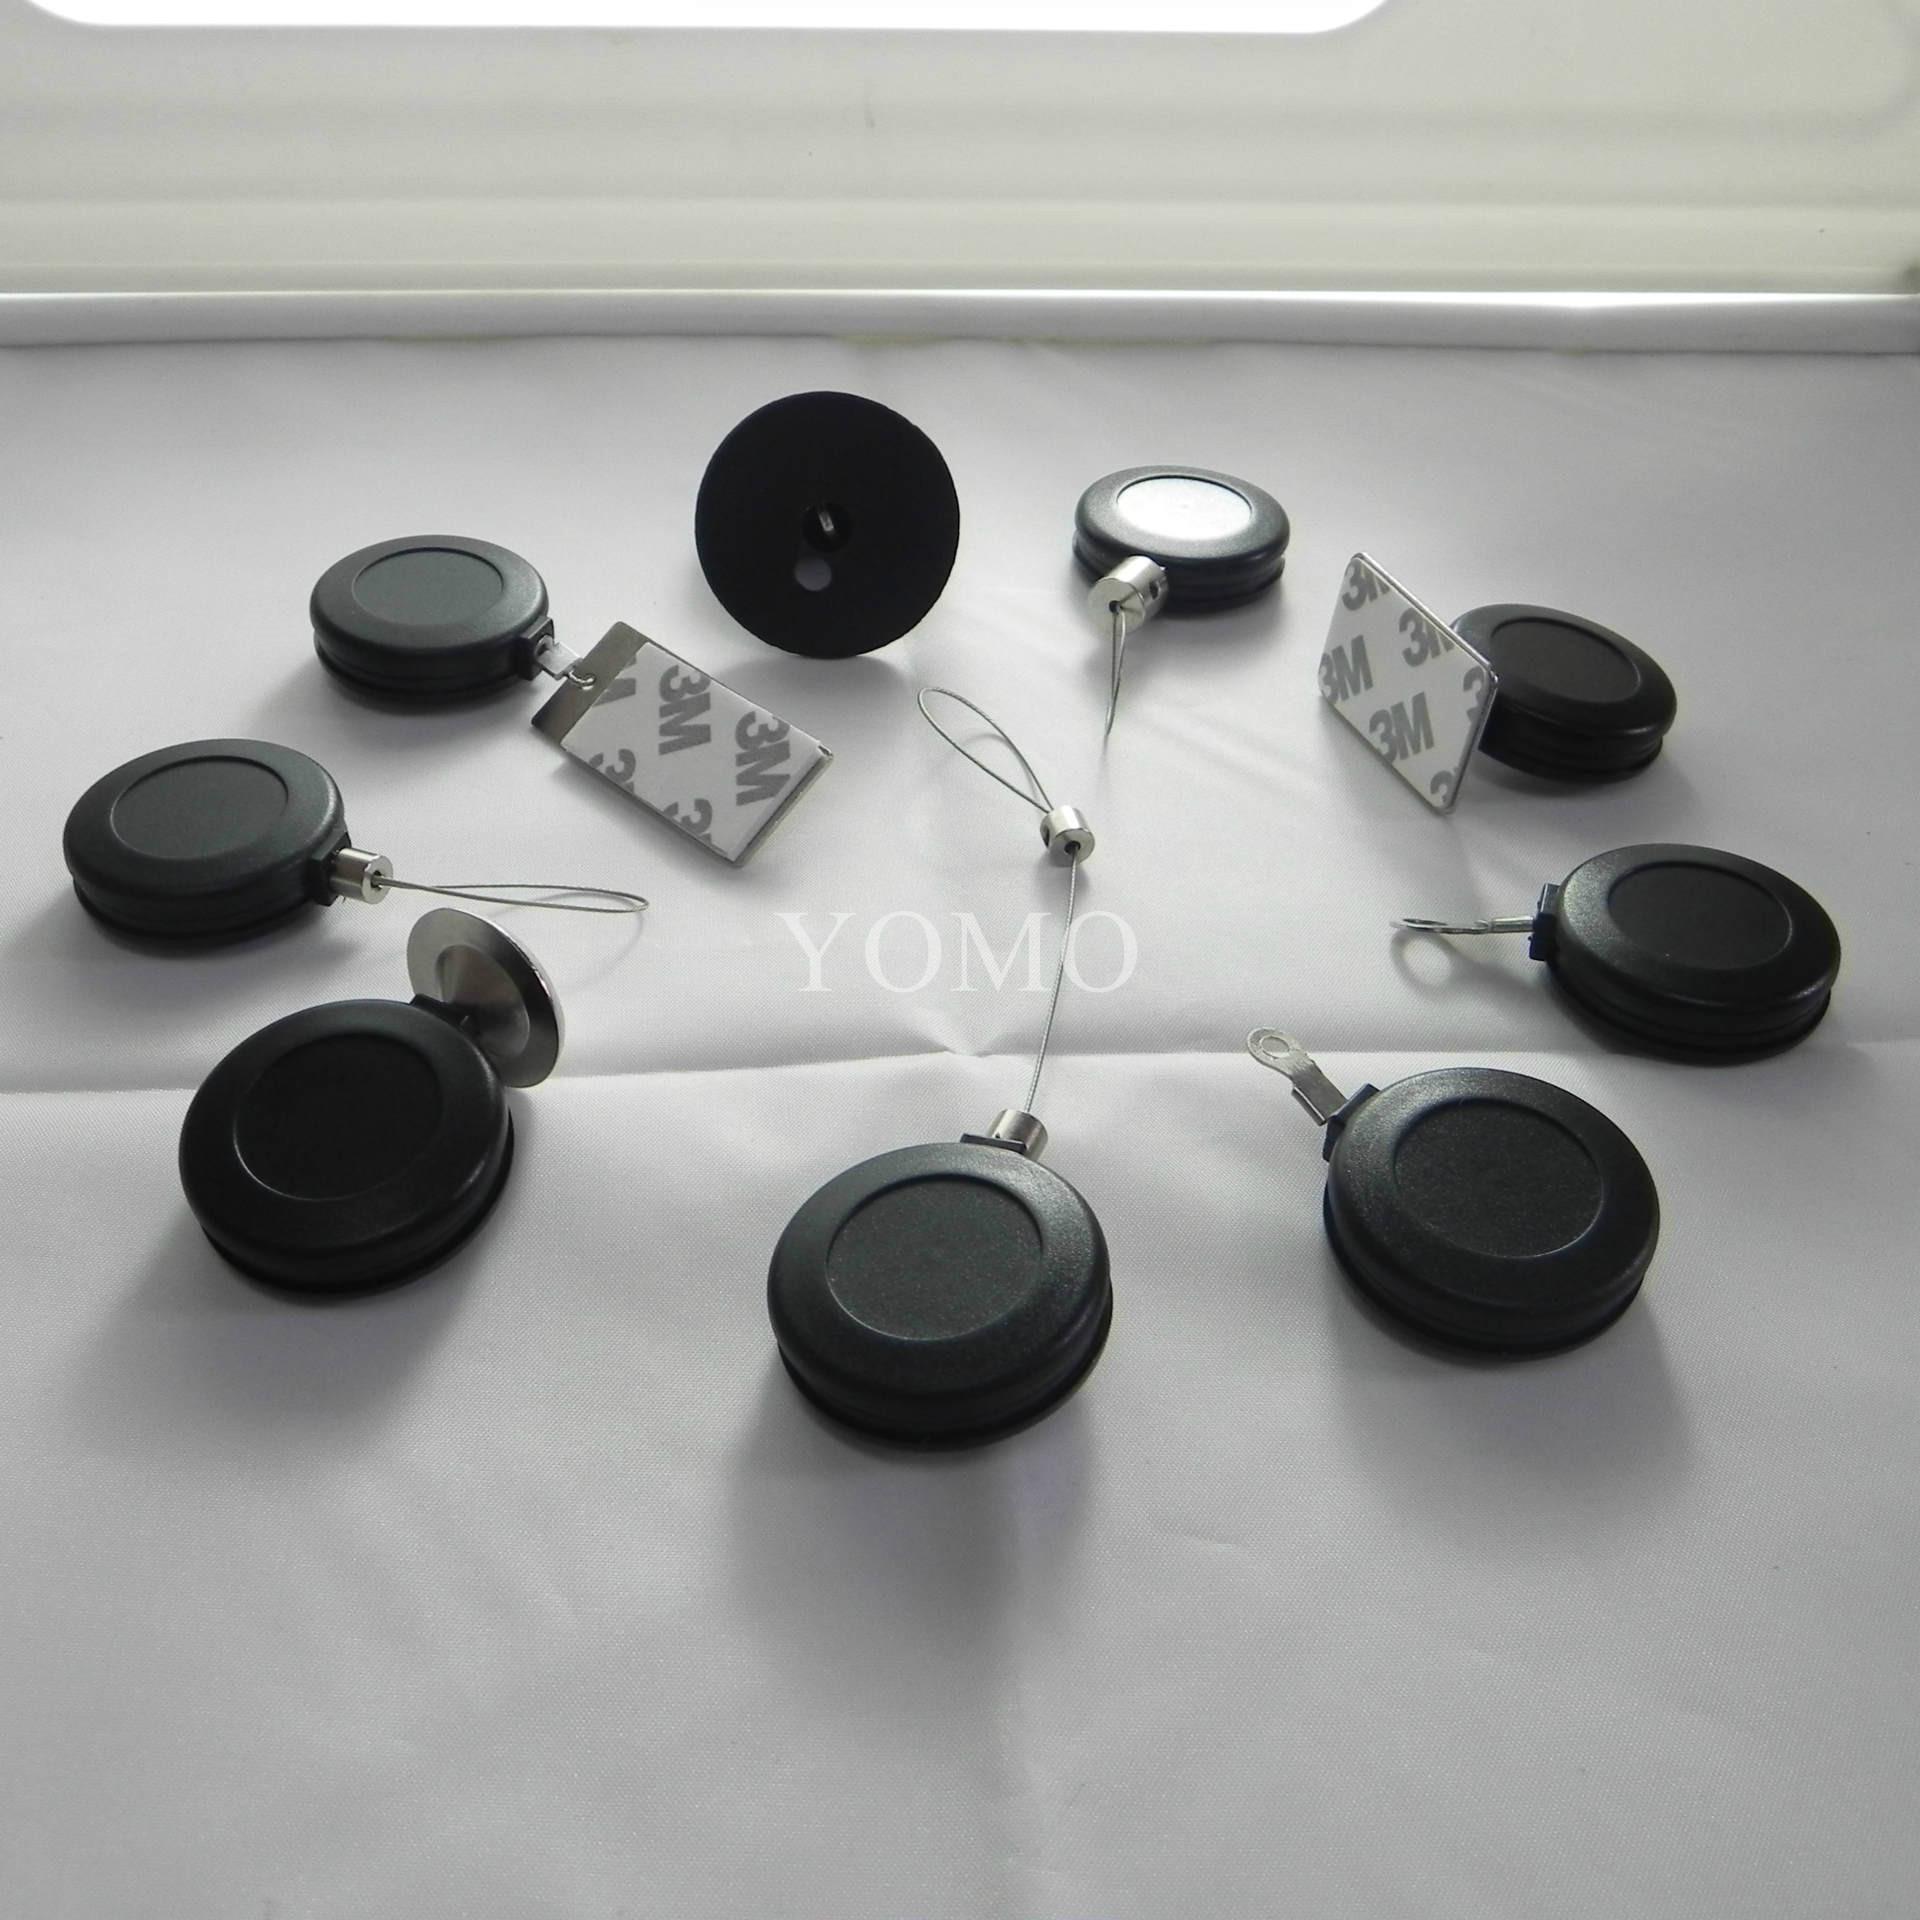 供應各種型號首飾/精品展示用防盜繩 自動伸縮拉線盒 易拉扣 7